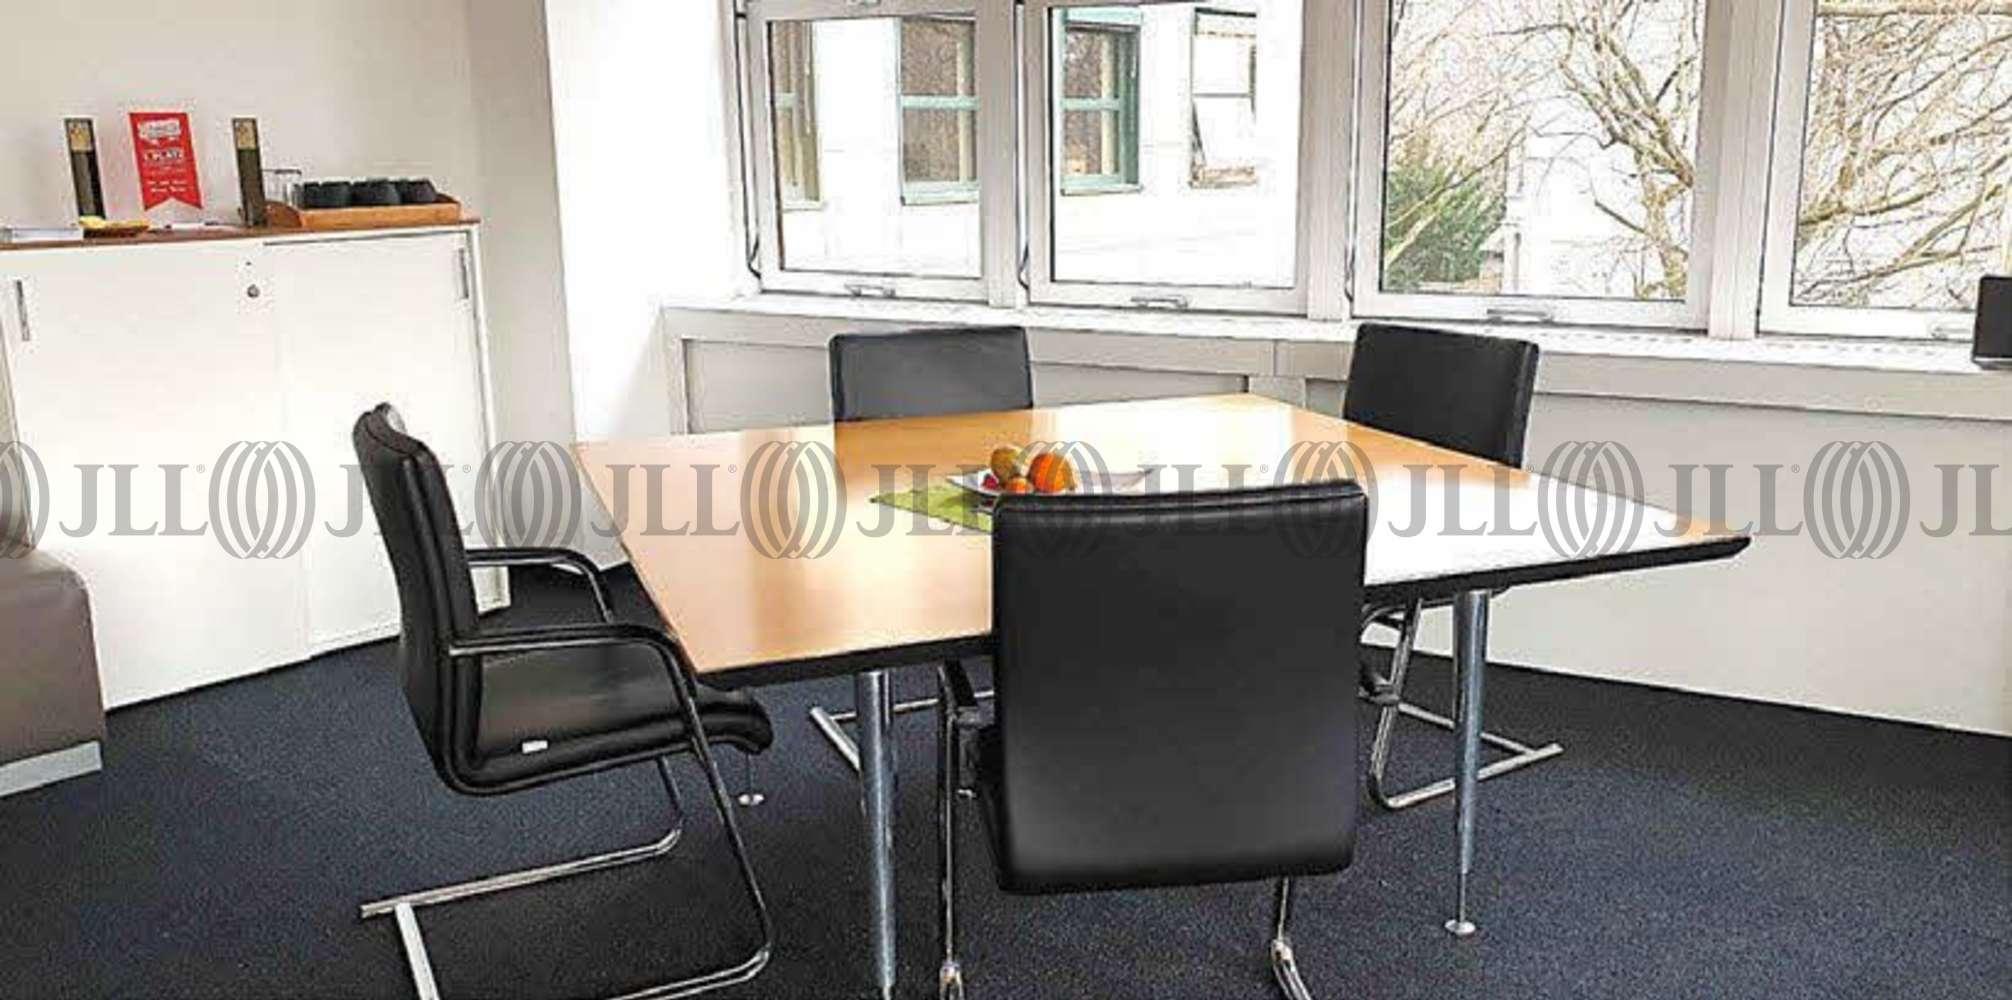 Büros Frankfurt am main, 60322 - Büro - Frankfurt am Main, Innenstadt - F1278 - 10017284